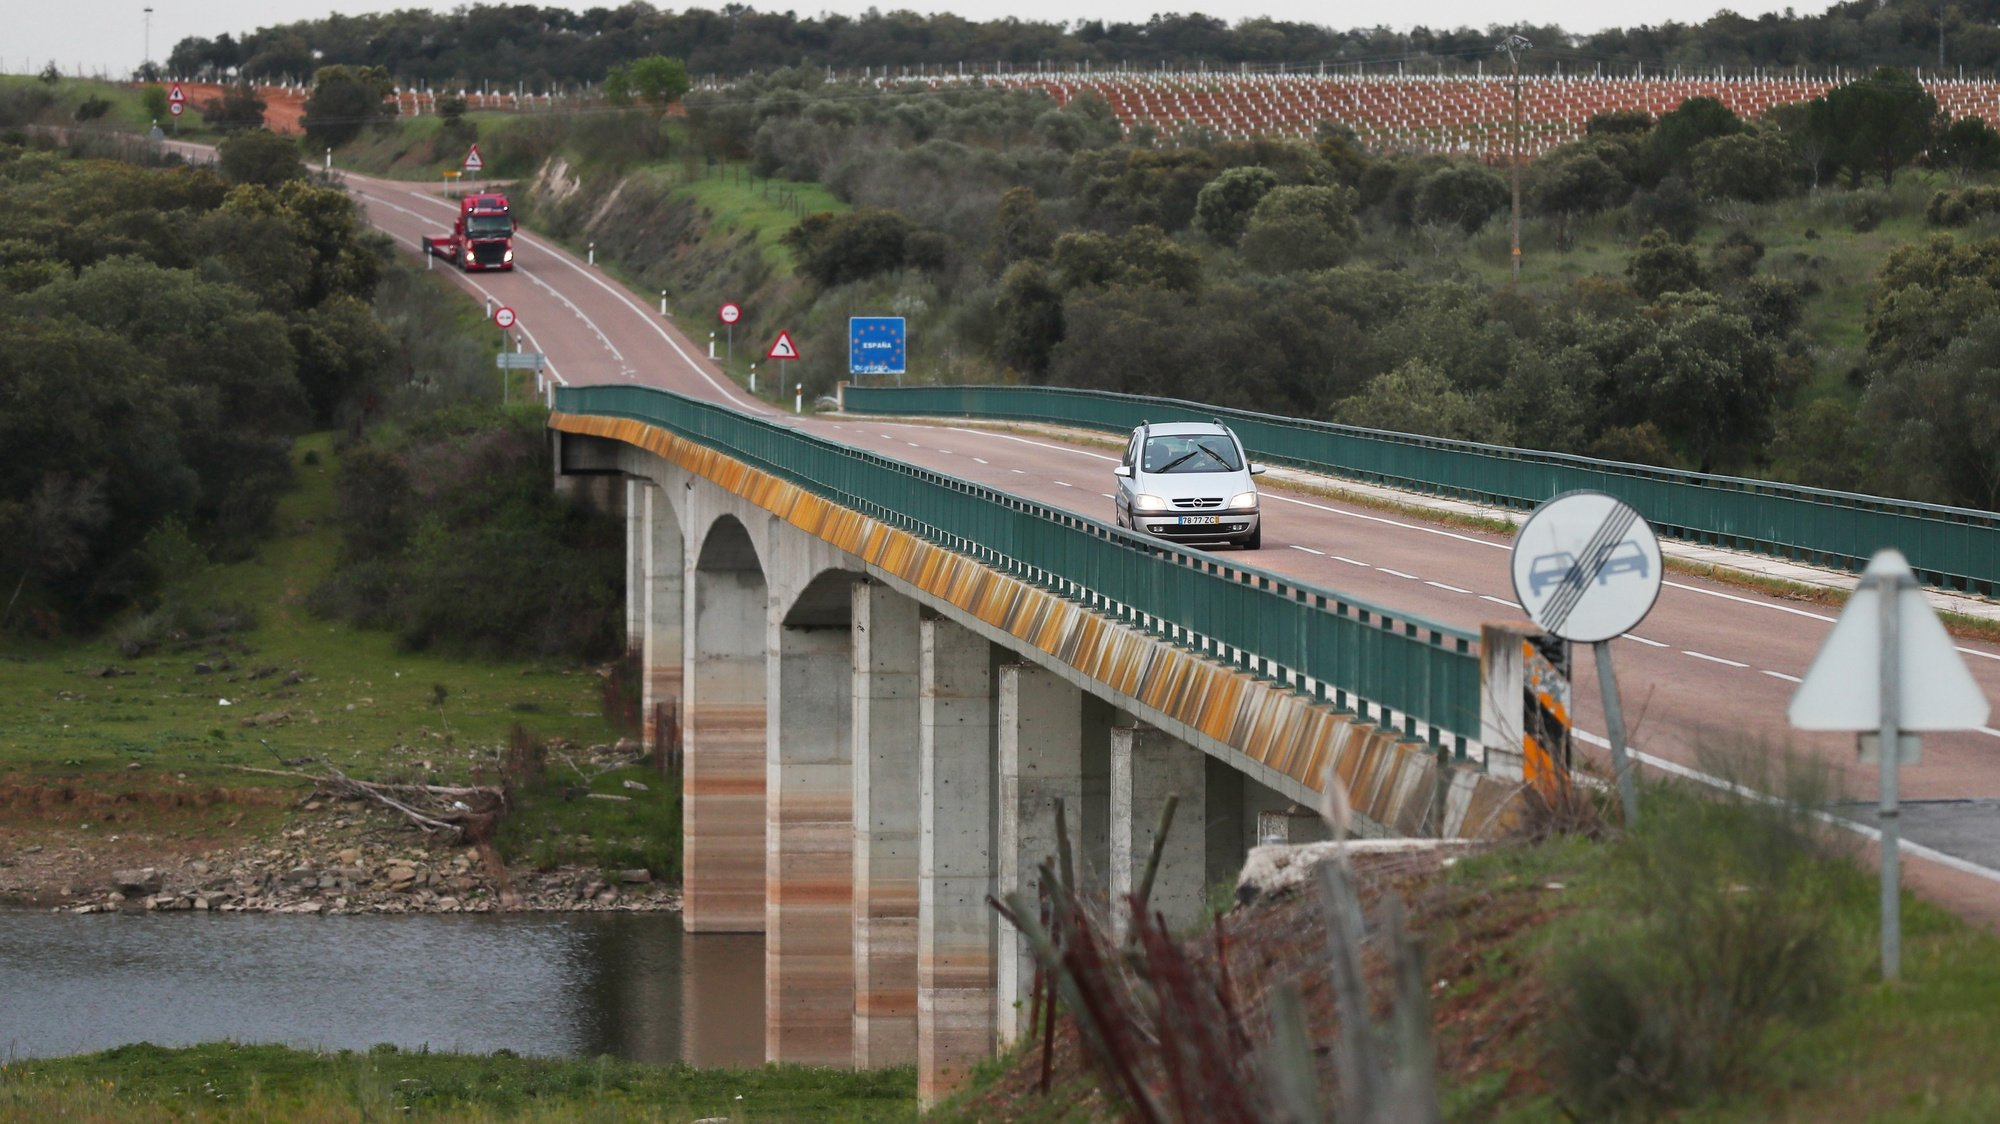 Veículos circulam na ponte da Ajuda (Elvas) que faz a ligação Portugal - Espanha, no acesso a Olivença, Elvas, 16 de março de 2020. Este acesso de fronteira a Espanha é um dos que vai ficar interdito ao trânsito a partir de esta noite, pelas restrições derivadas do estado de alerta devido ao Covid-19. Segundo a Direção-Geral da Saúde (DGS), em Portugal há 331 casos de pessoas infetadas com a doença Covid-19, registando-se também um morto. NUNO VEIGA/LUSA